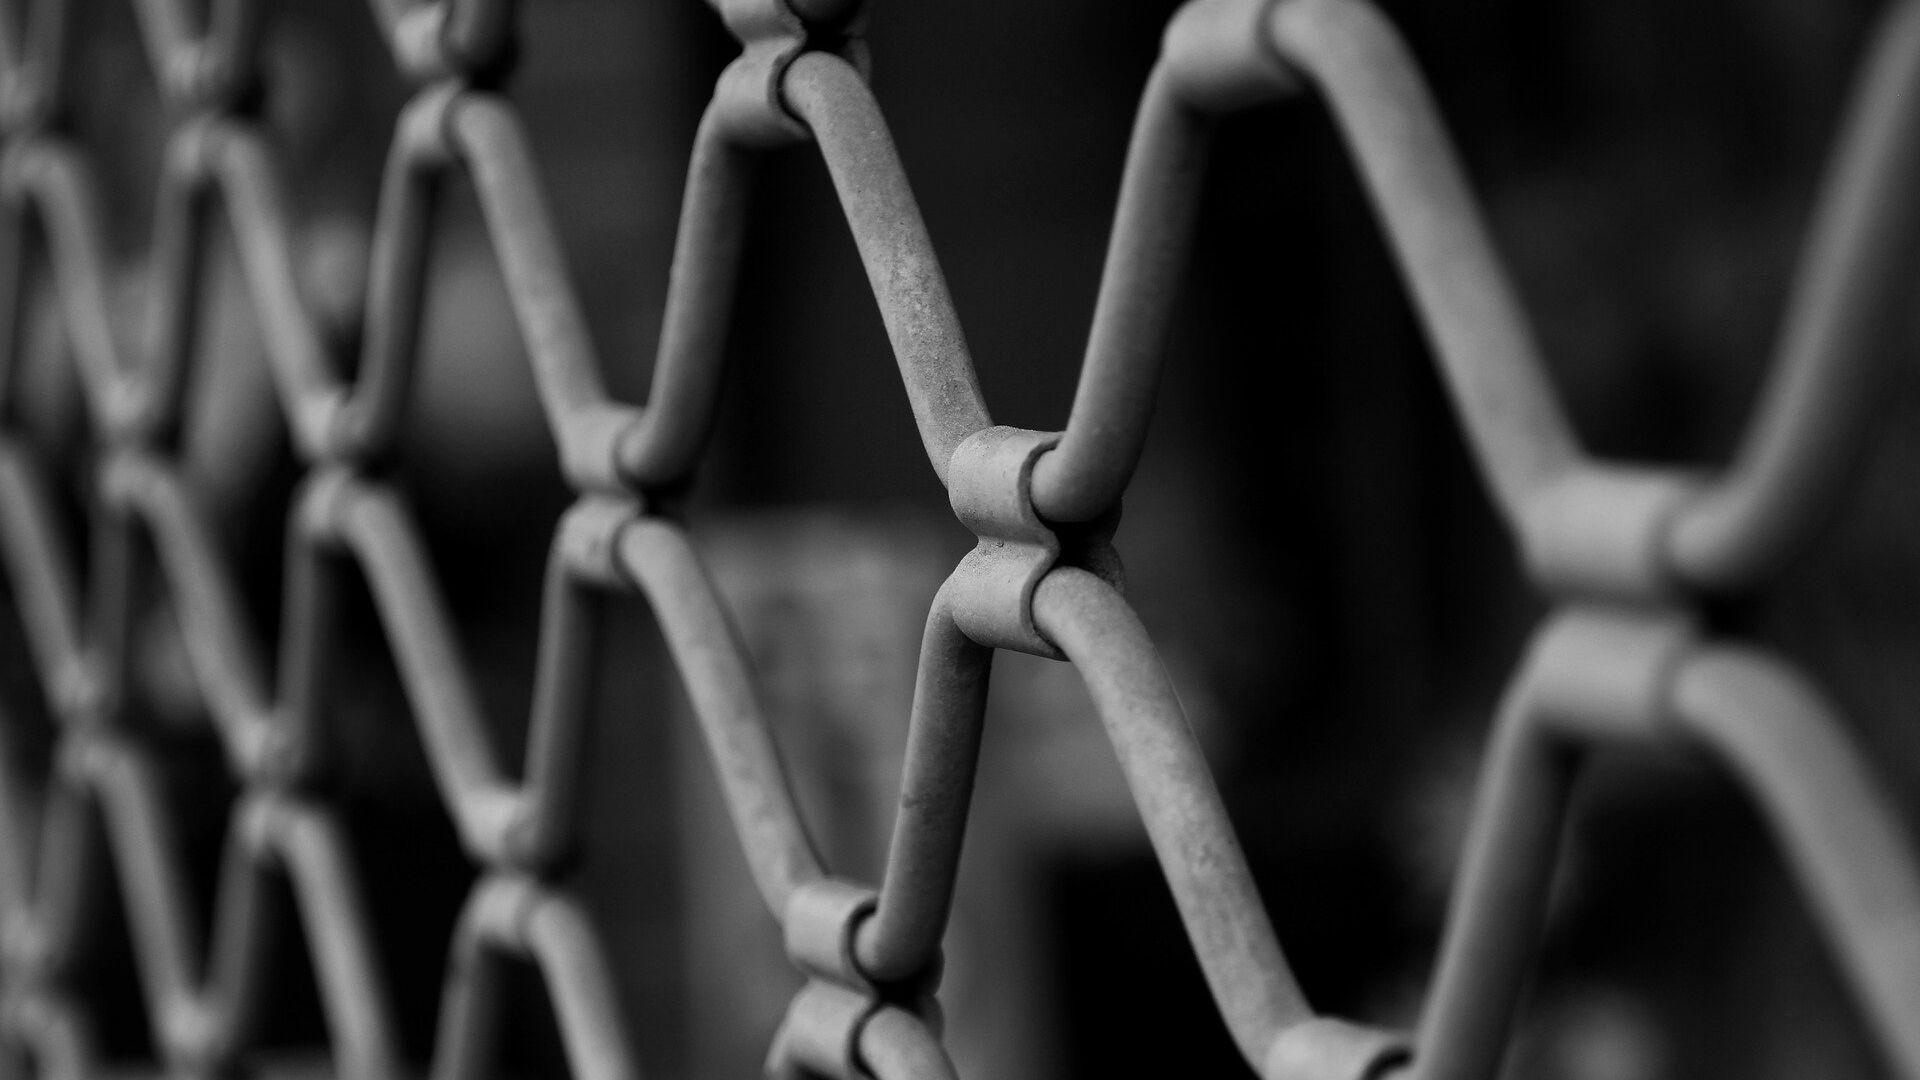 Una cárcel (imagen referencial) - Sputnik Mundo, 1920, 08.08.2021